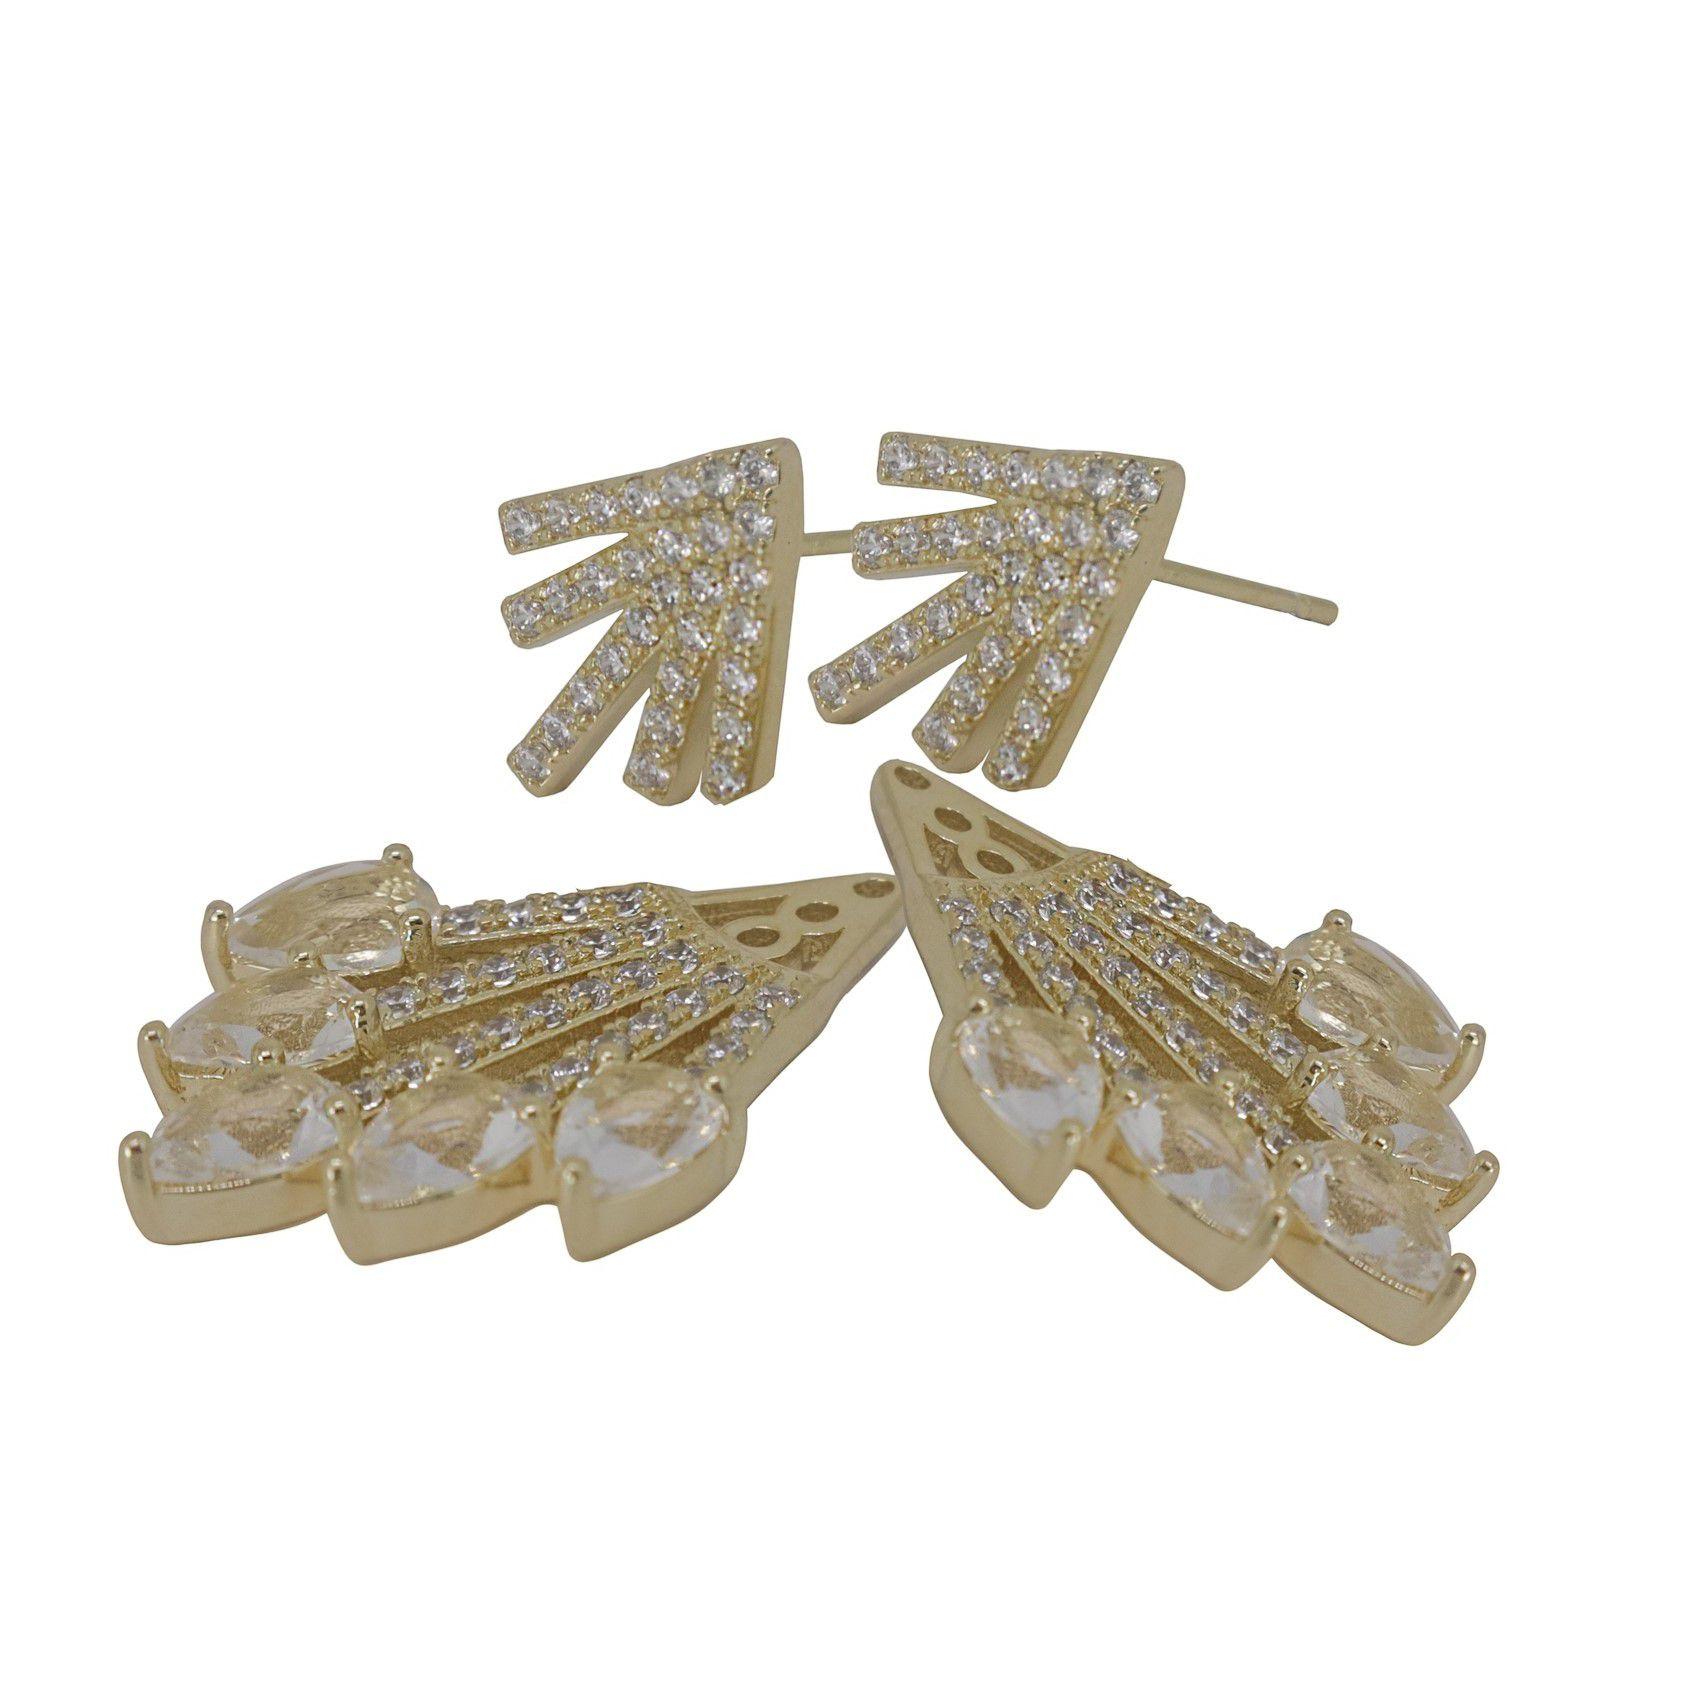 Brinco Semi joia chuvas cravejado em microzircônia banhado a ouro 18k ou rhodium